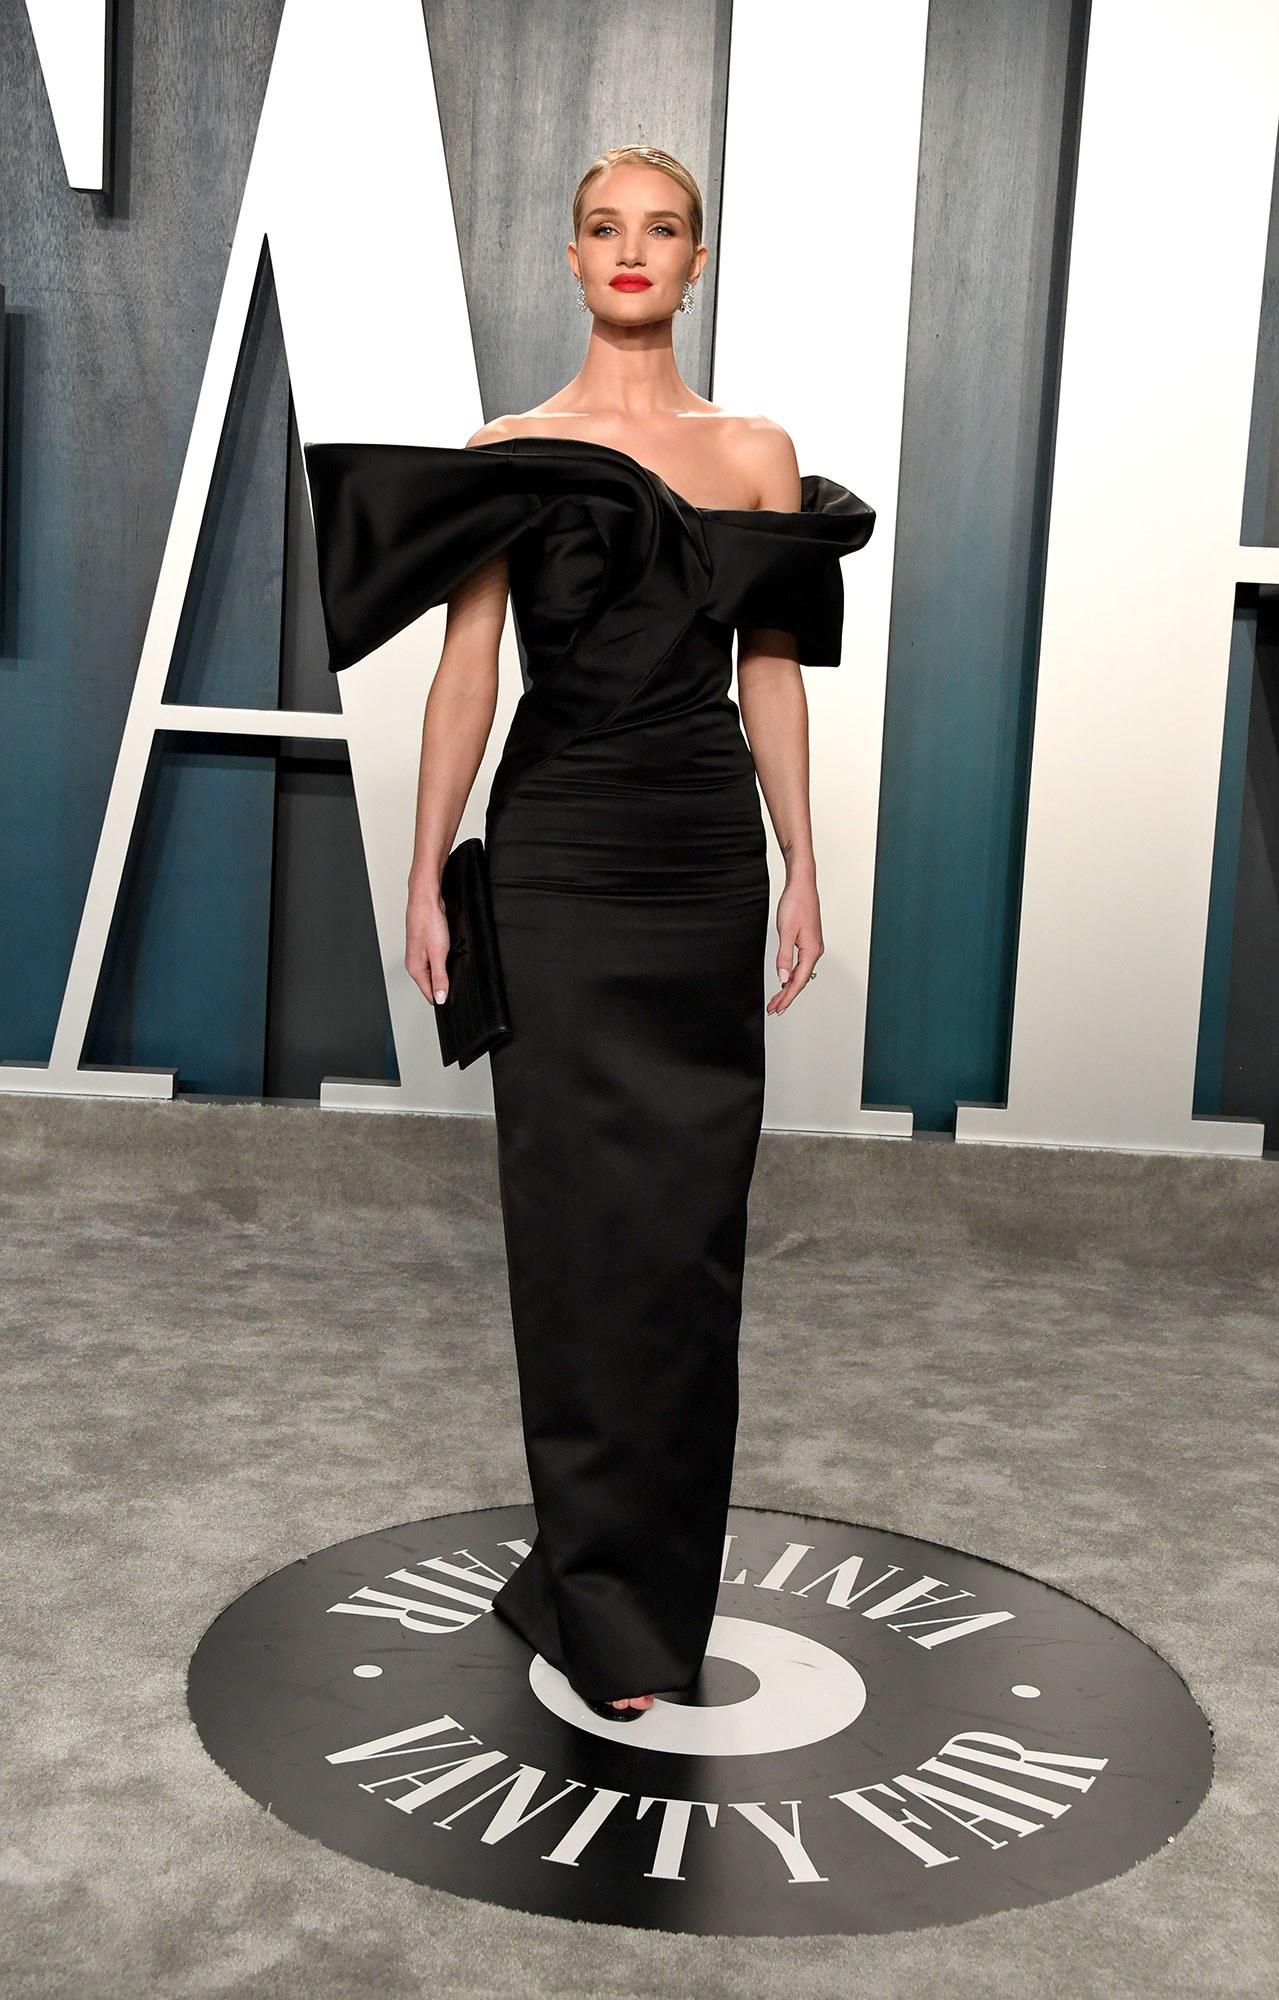 روزي هنتيغتون وايتلي متألقة في فستان أسود من سانت لوران